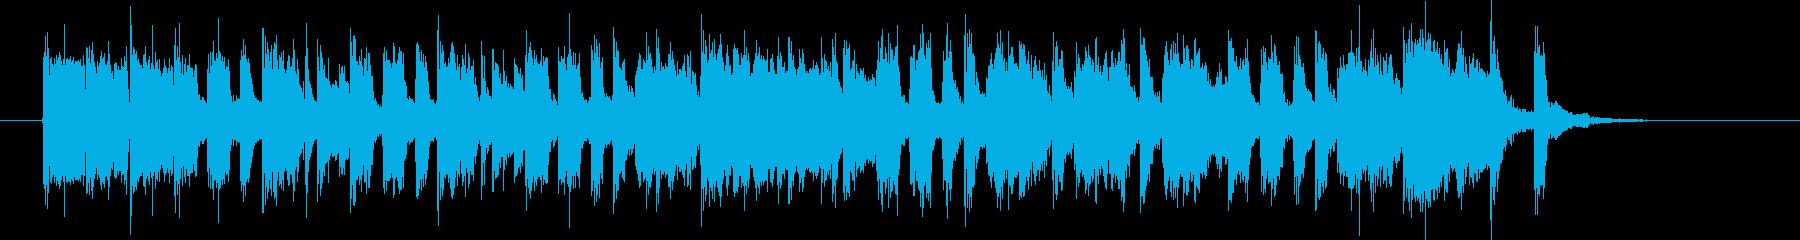 明るくトランペットが印象的なBGMの再生済みの波形